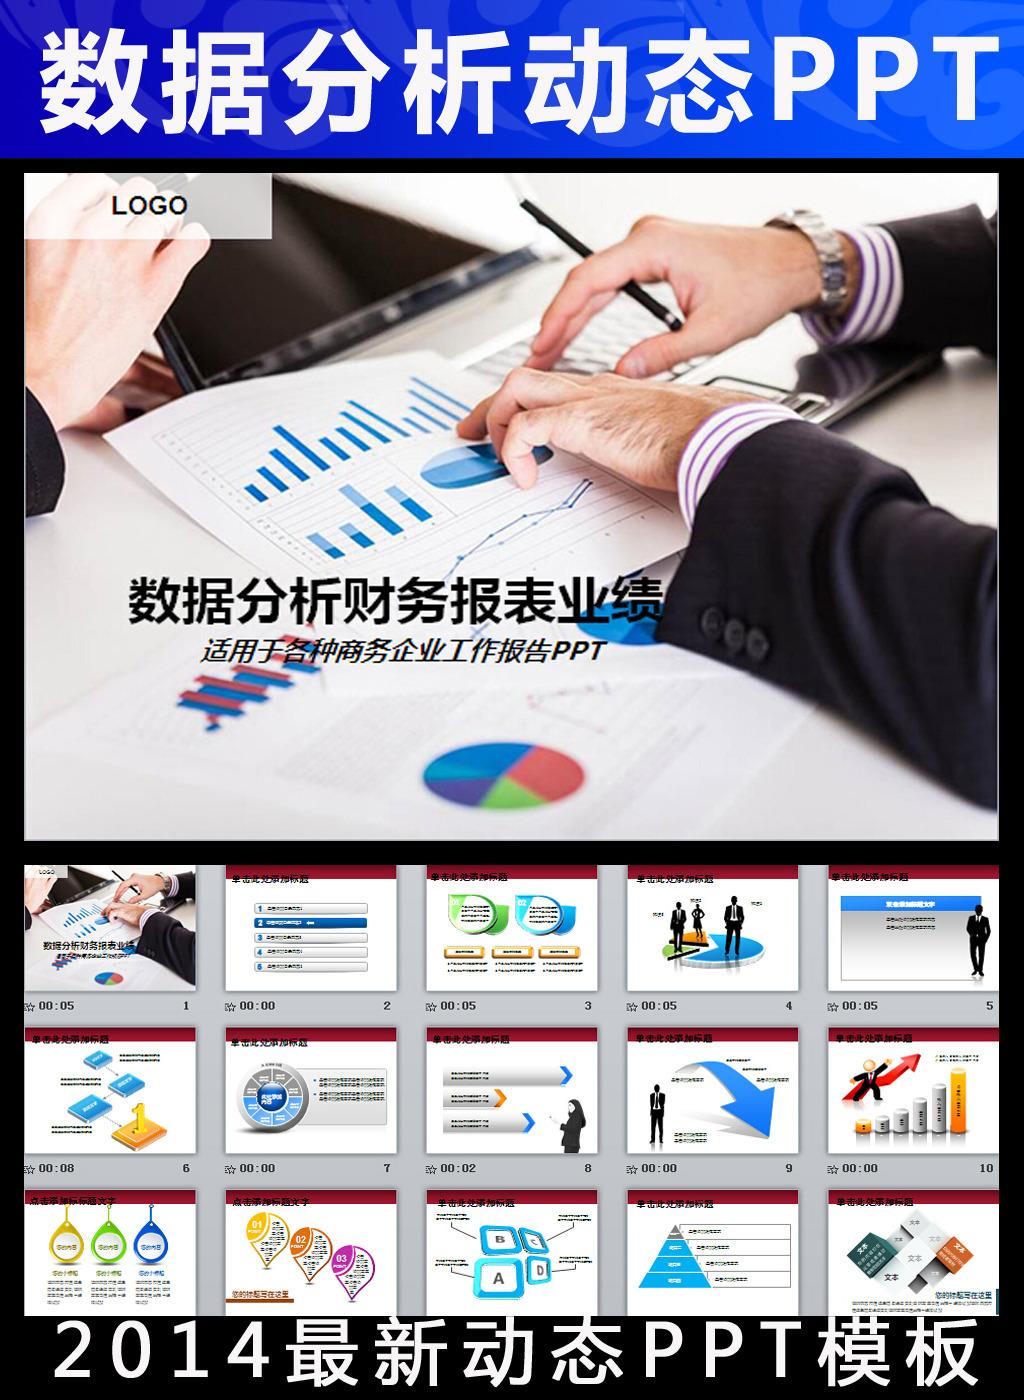 财务数据分析报告调研报告统计ppt幻灯片模板下载(:)